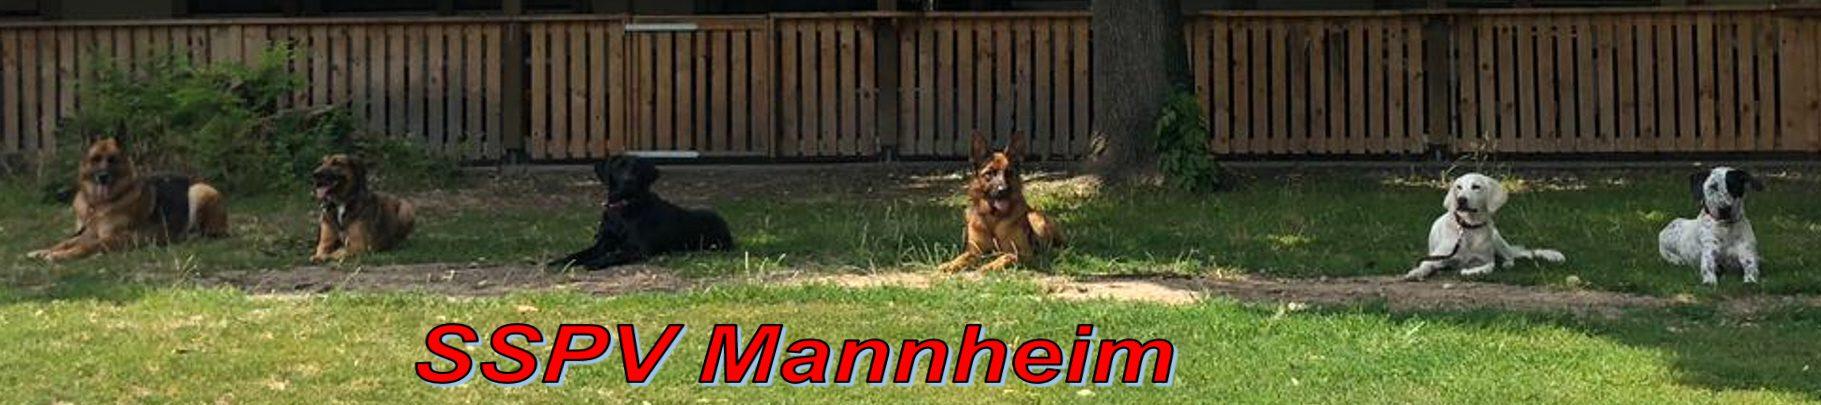 SSPV Mannheim